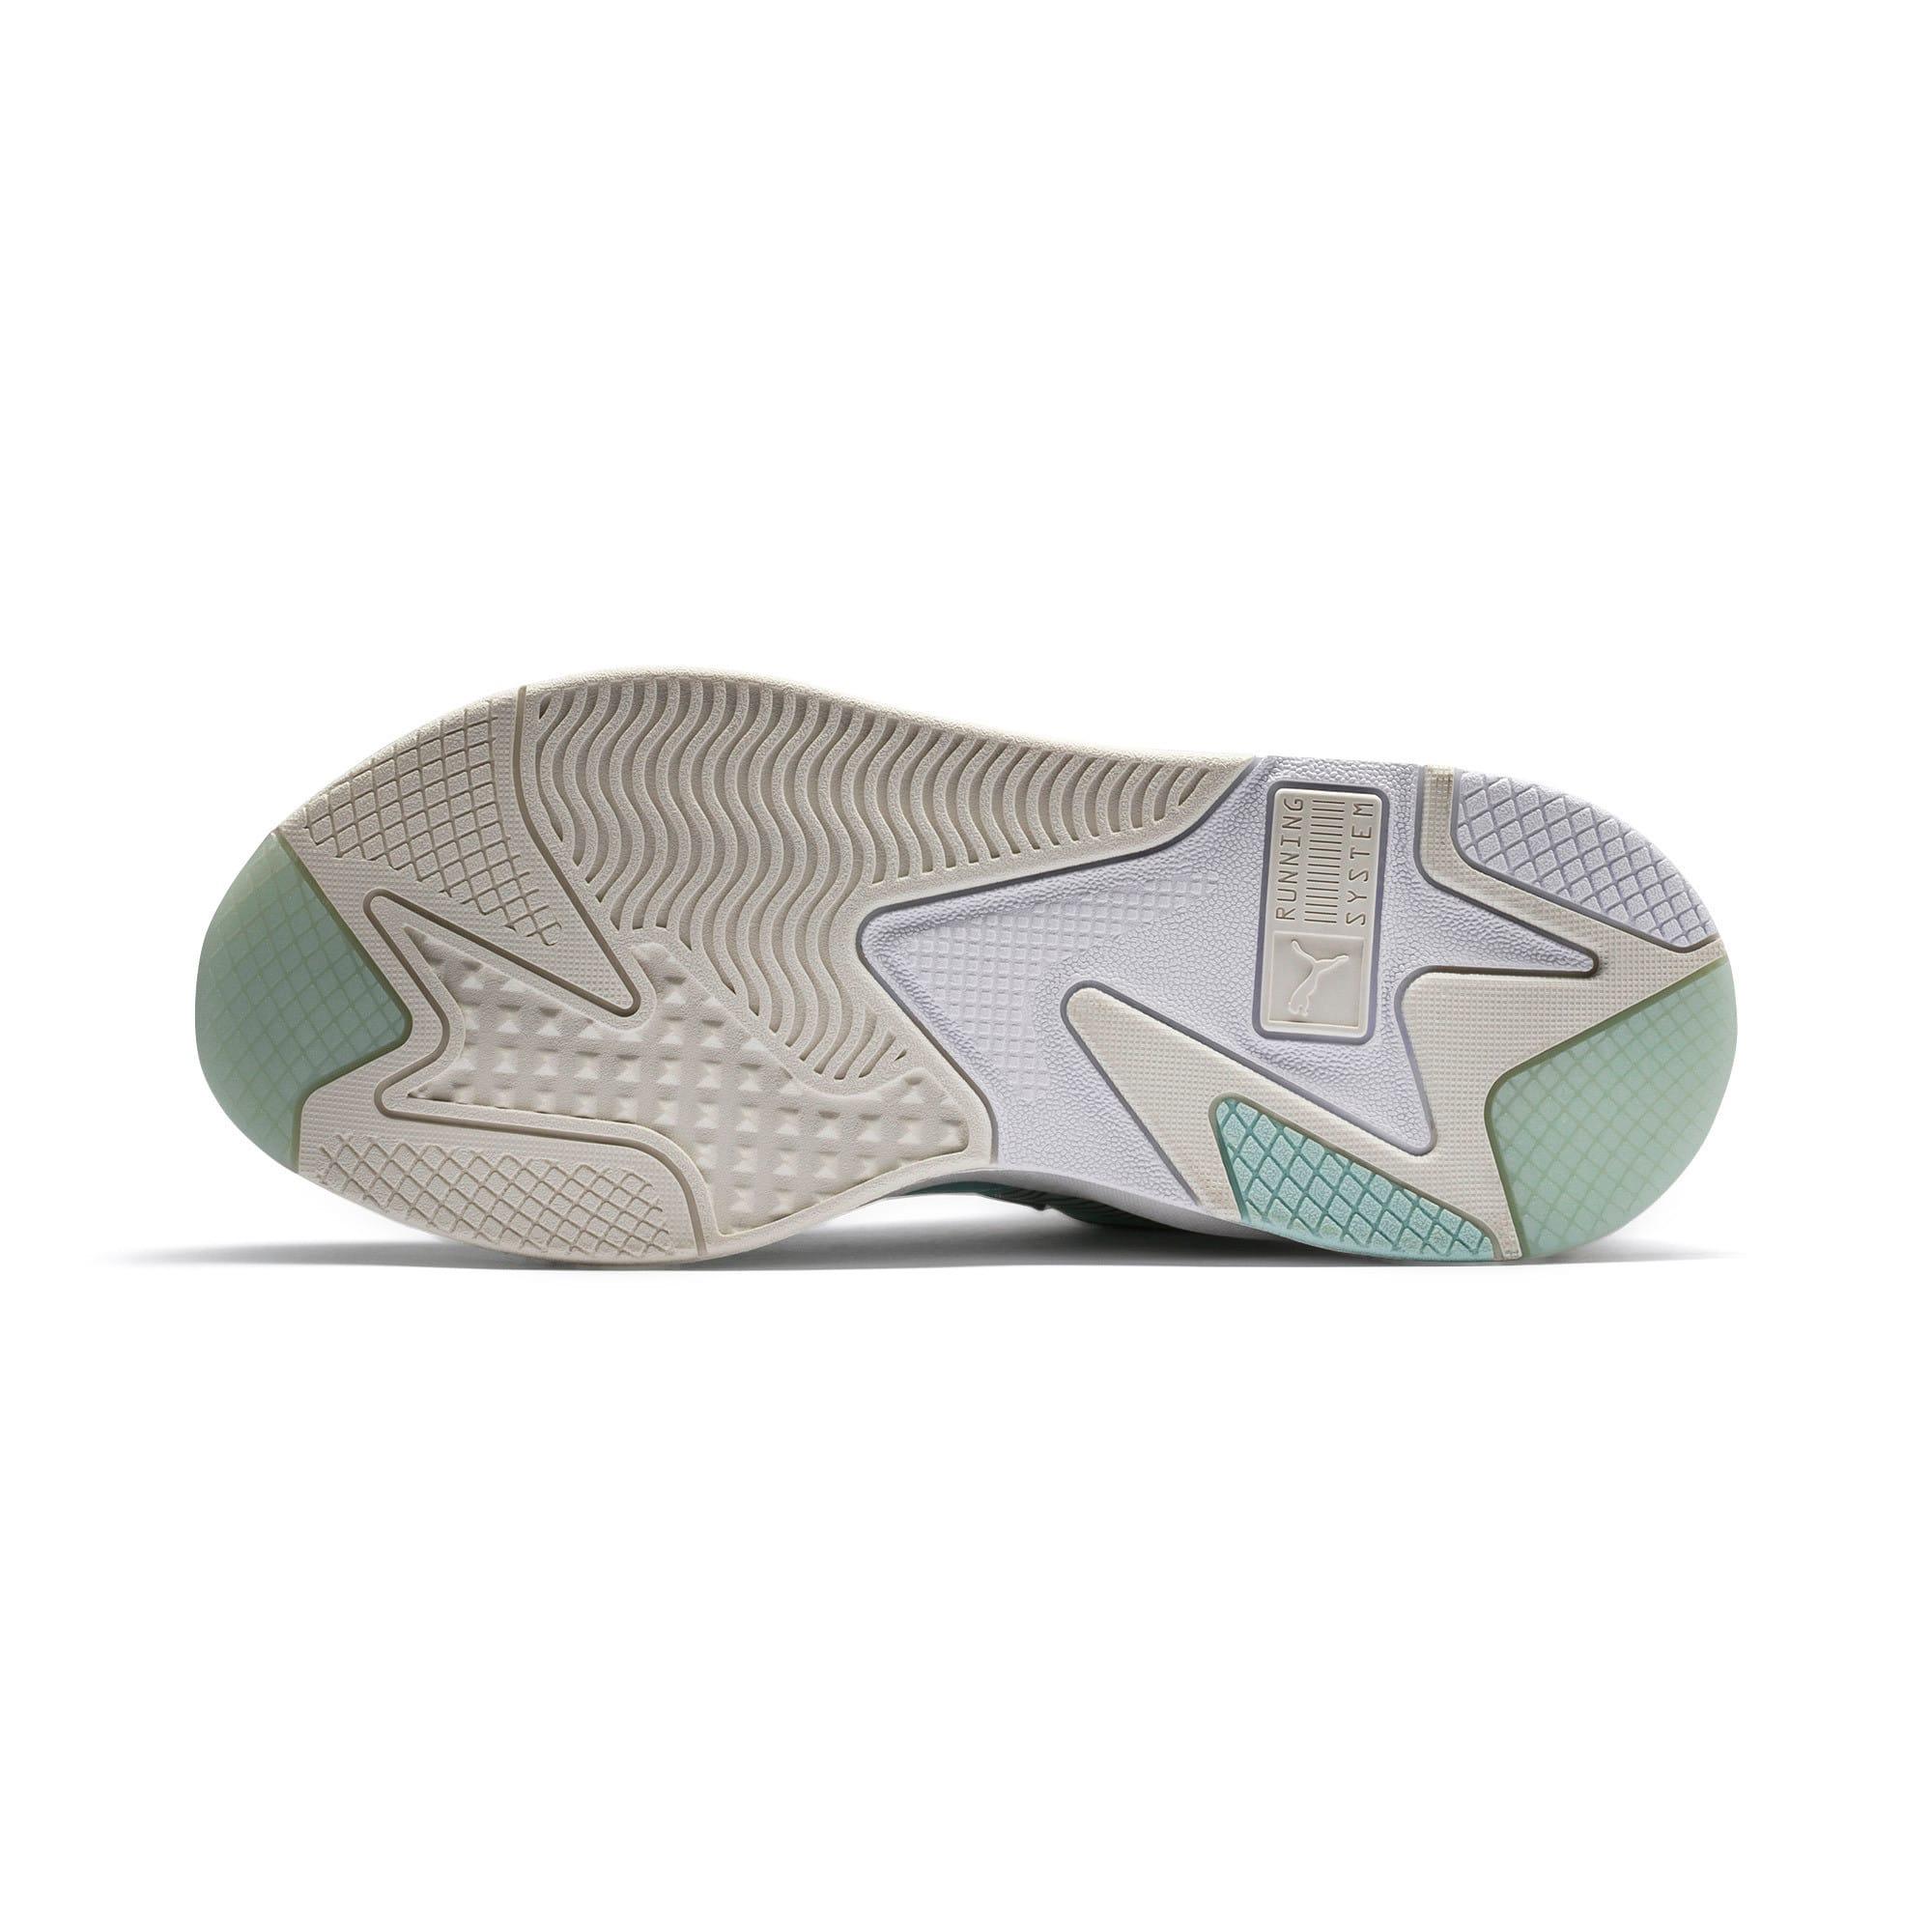 Thumbnail 4 of RS-X Tech Sneaker, Vaporous Gray-Fair Aqua, medium